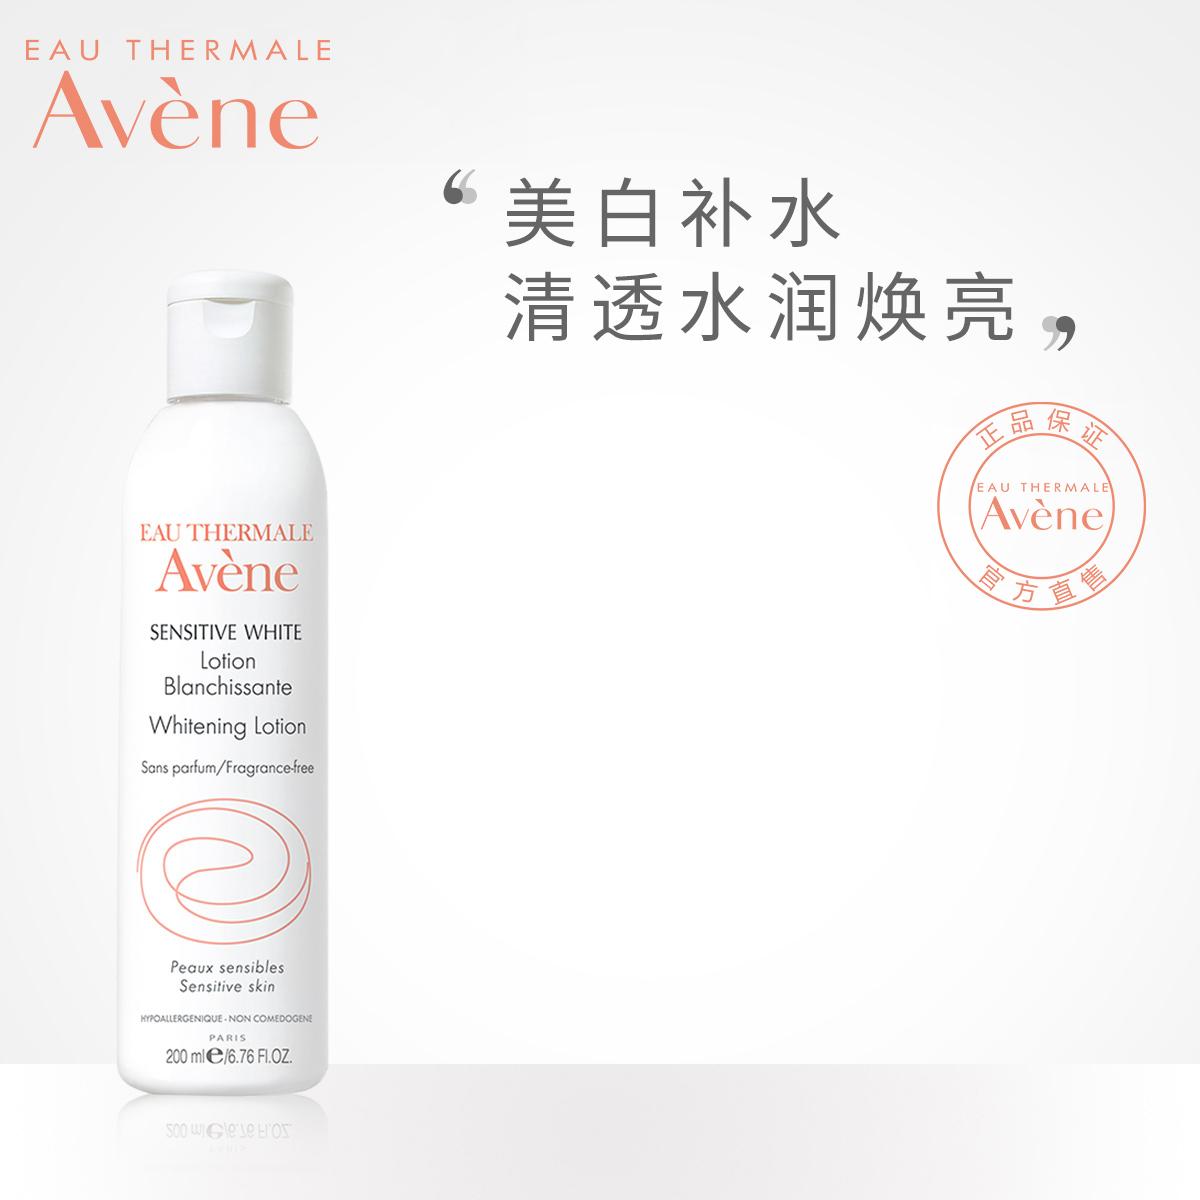 雅漾清透美白潤膚水200ml 補水保溼美白舒緩敏感清透化妝水爽膚水